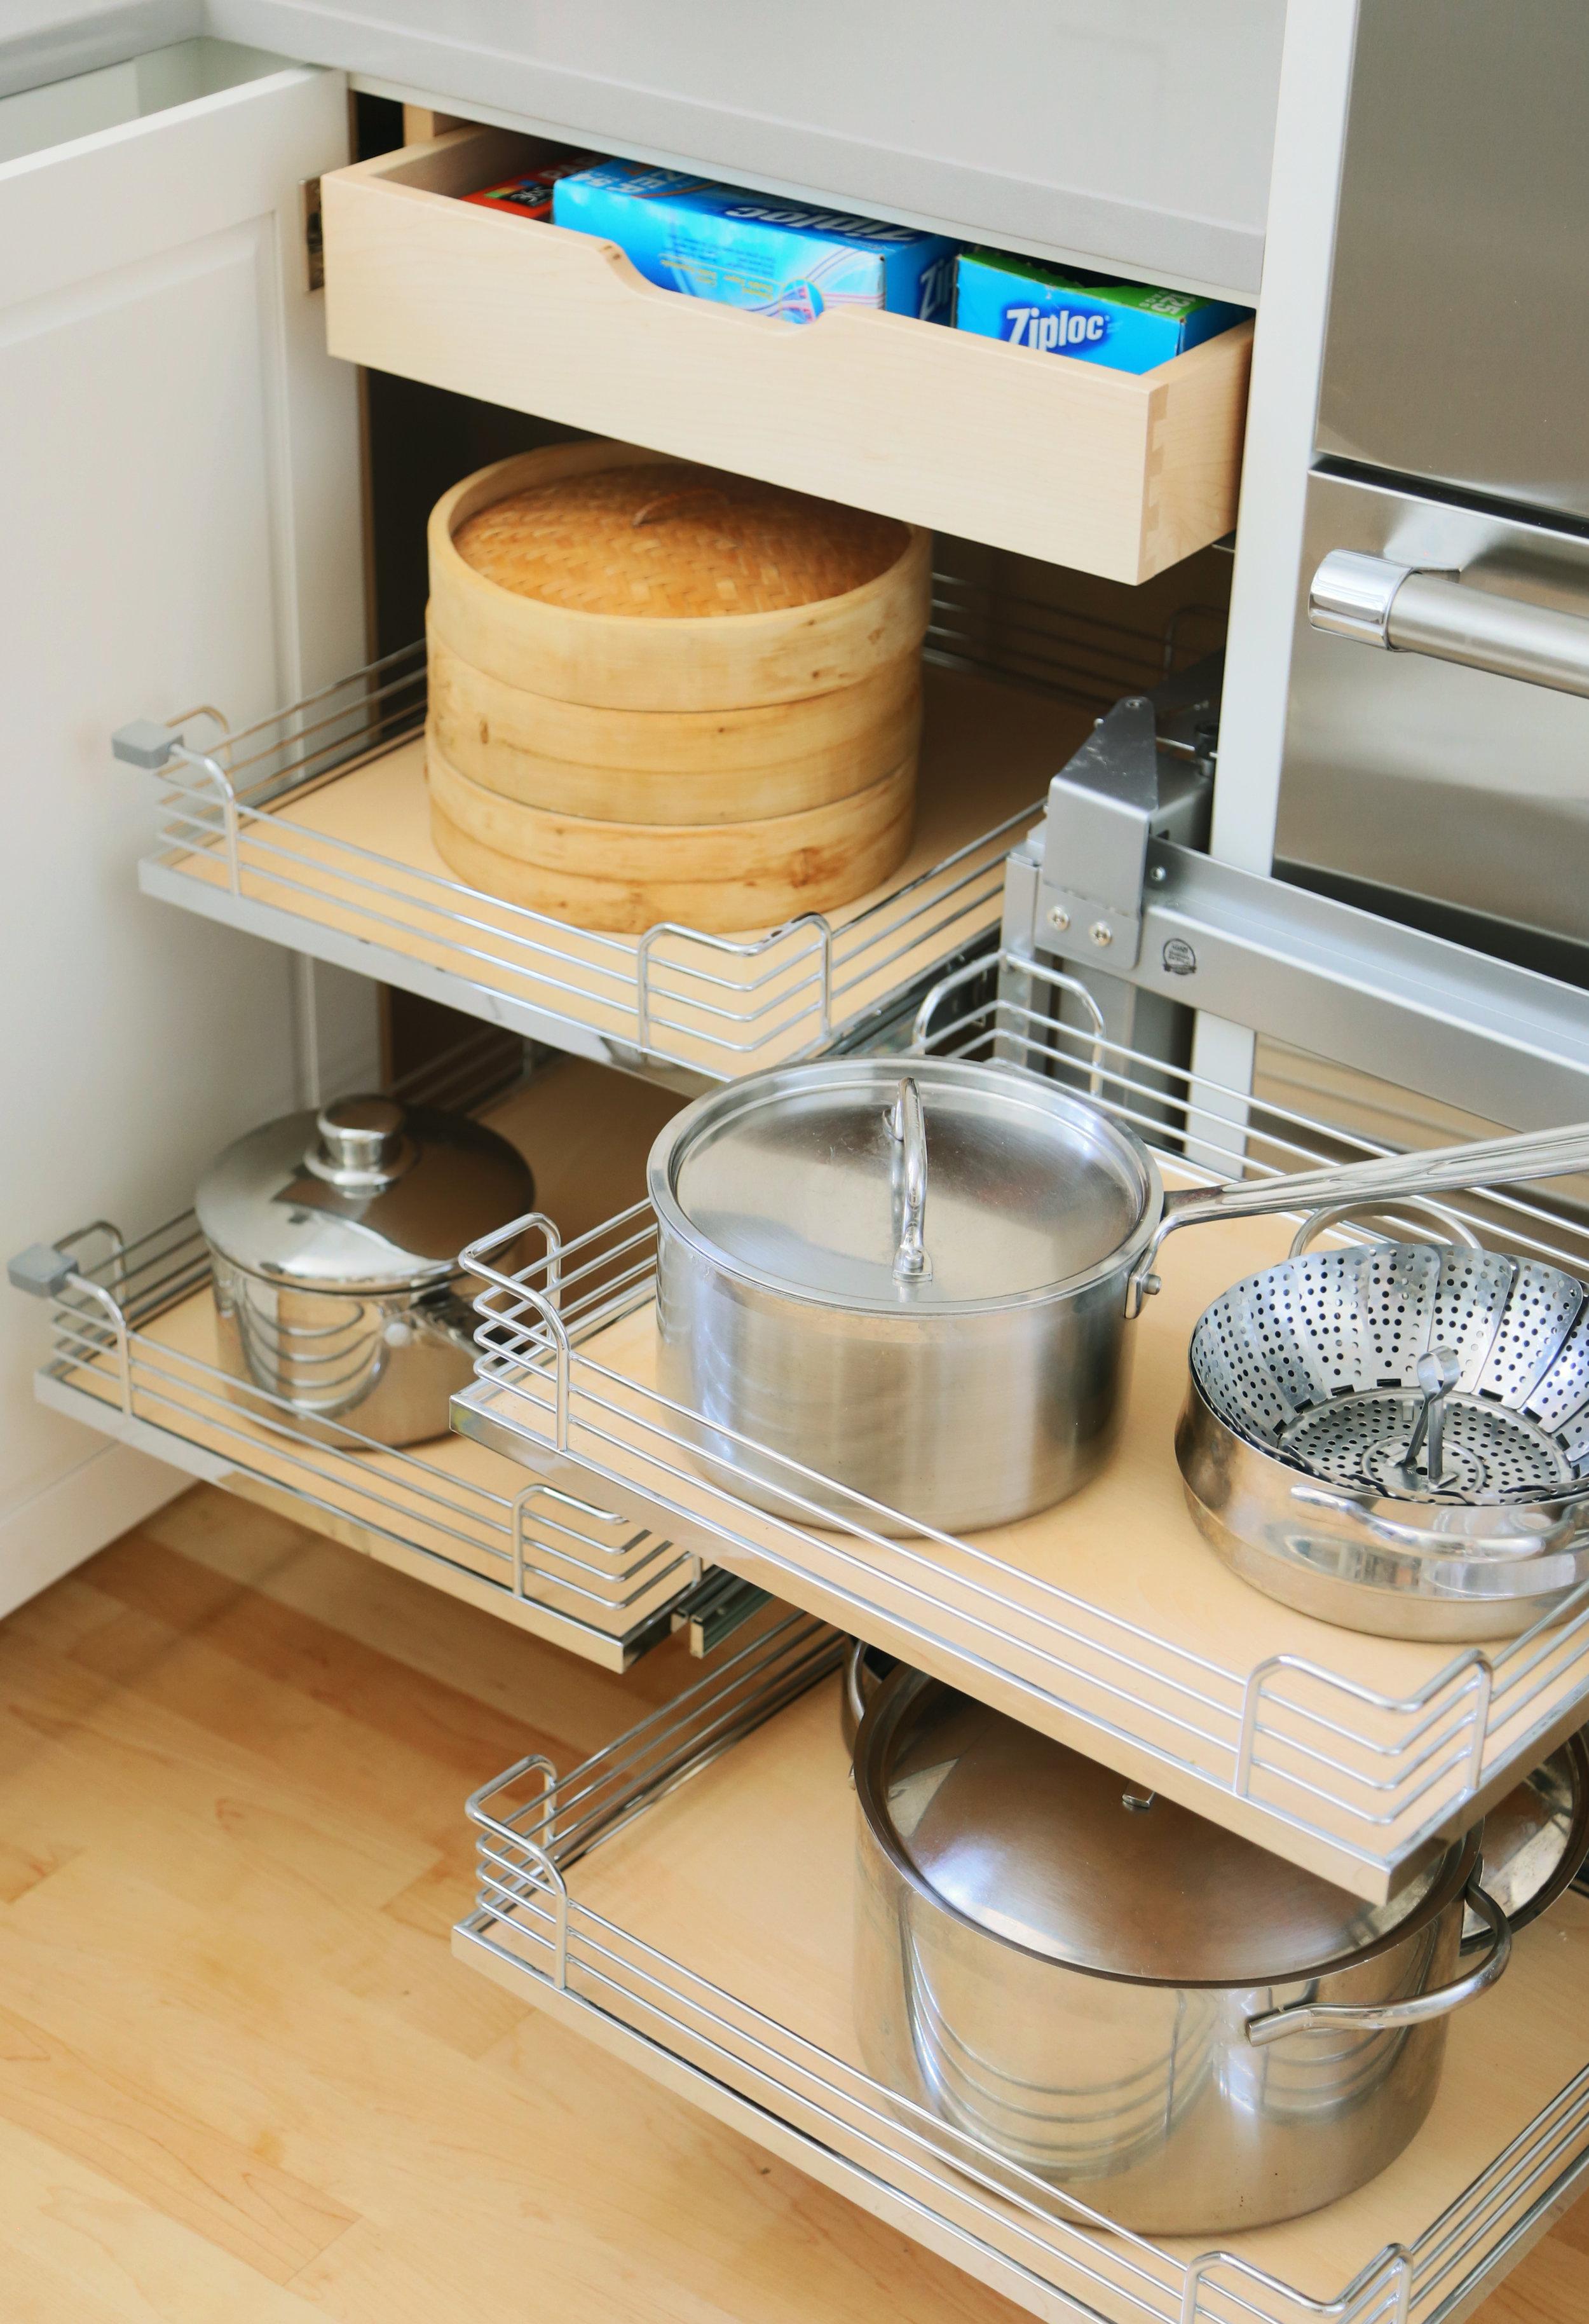 Jeff Swanson 6 14 kitchen 8.jpg